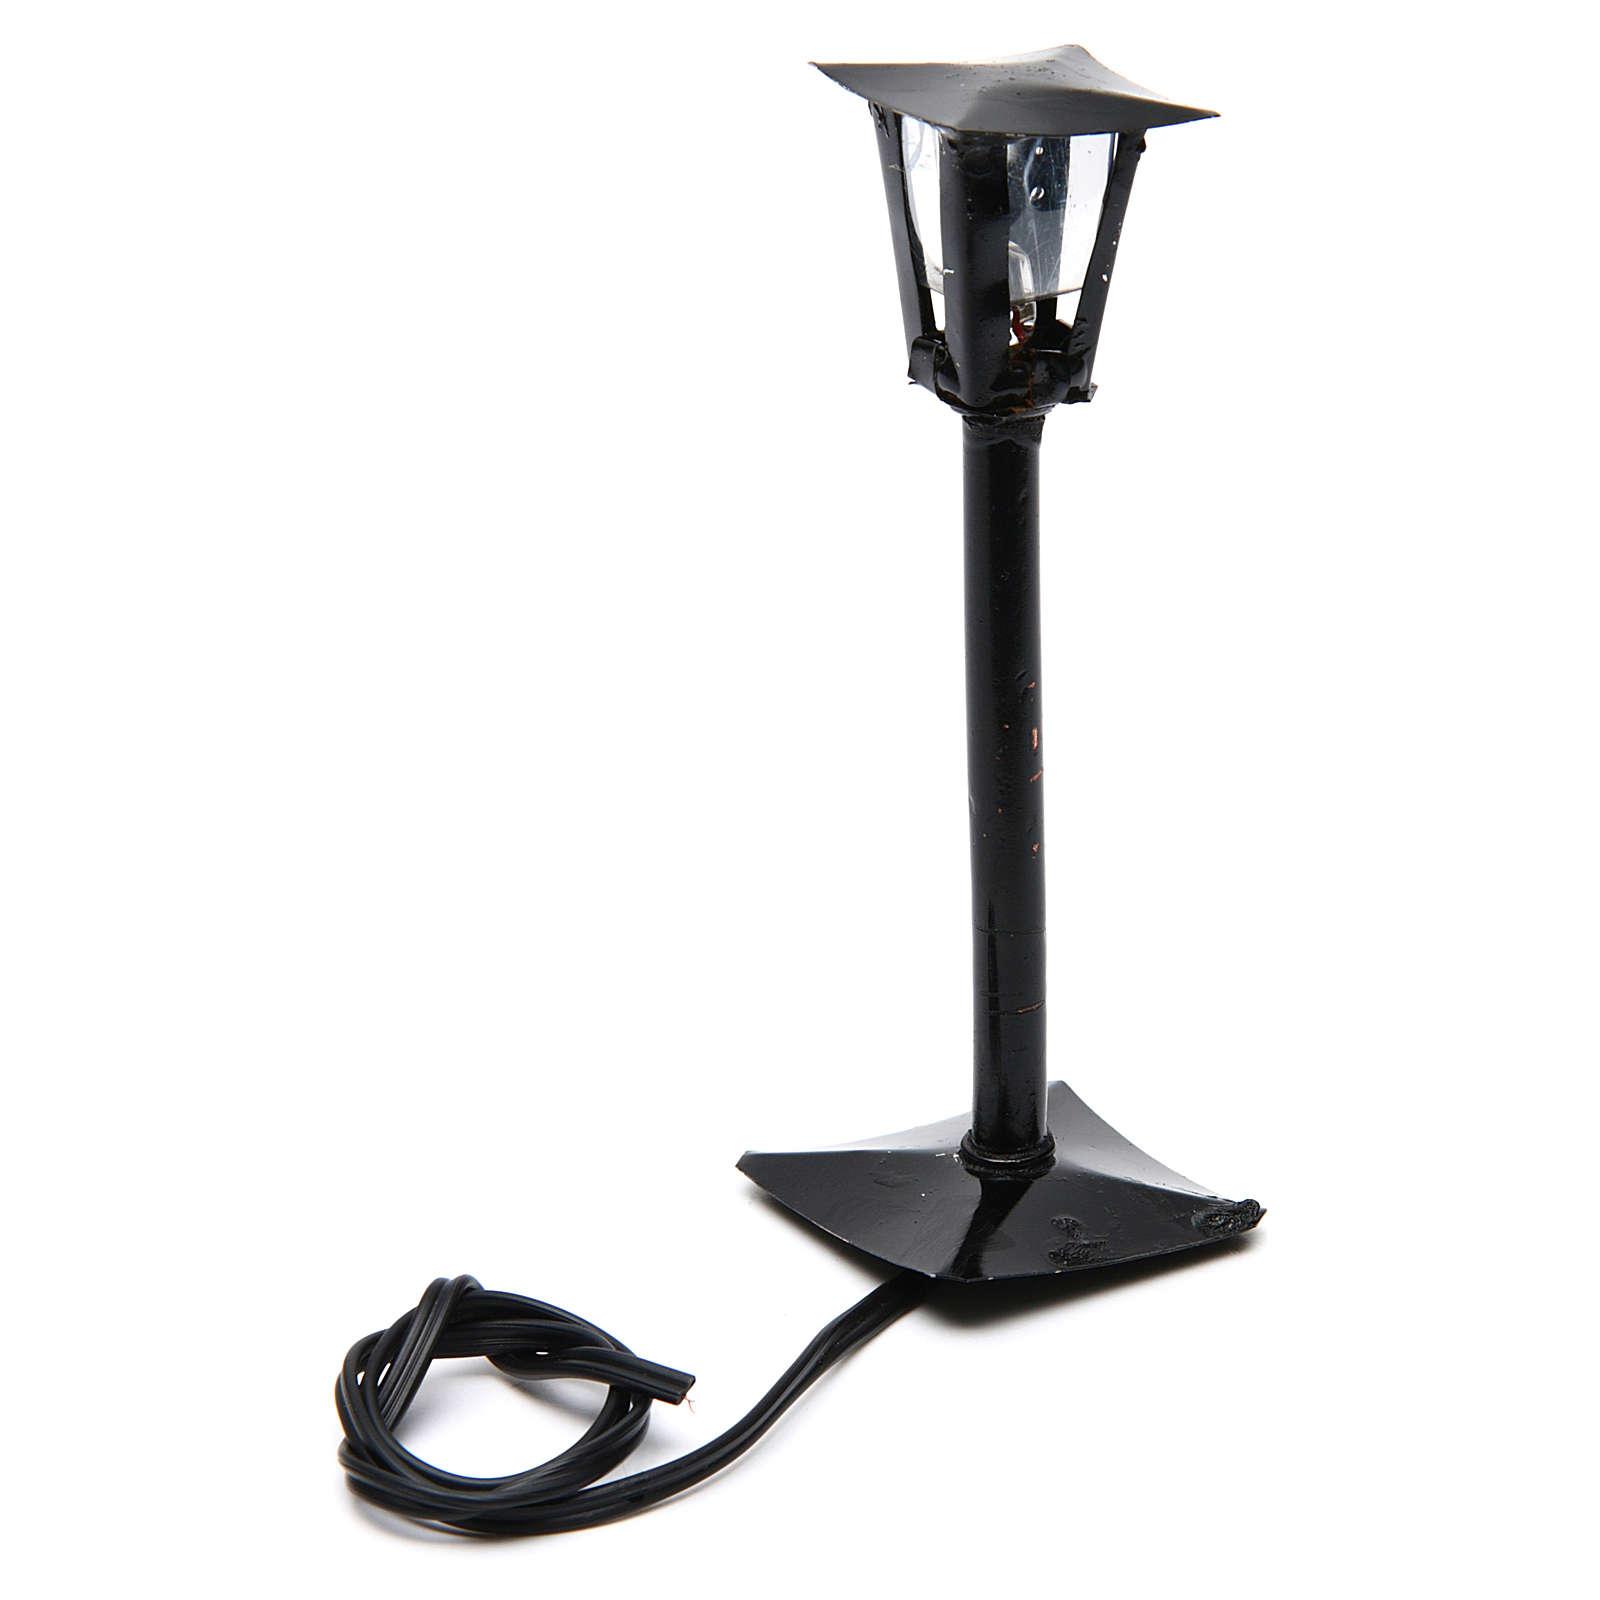 Lampione da strada con lanterna presepe fai da te h reale 11 cm - 12V 4